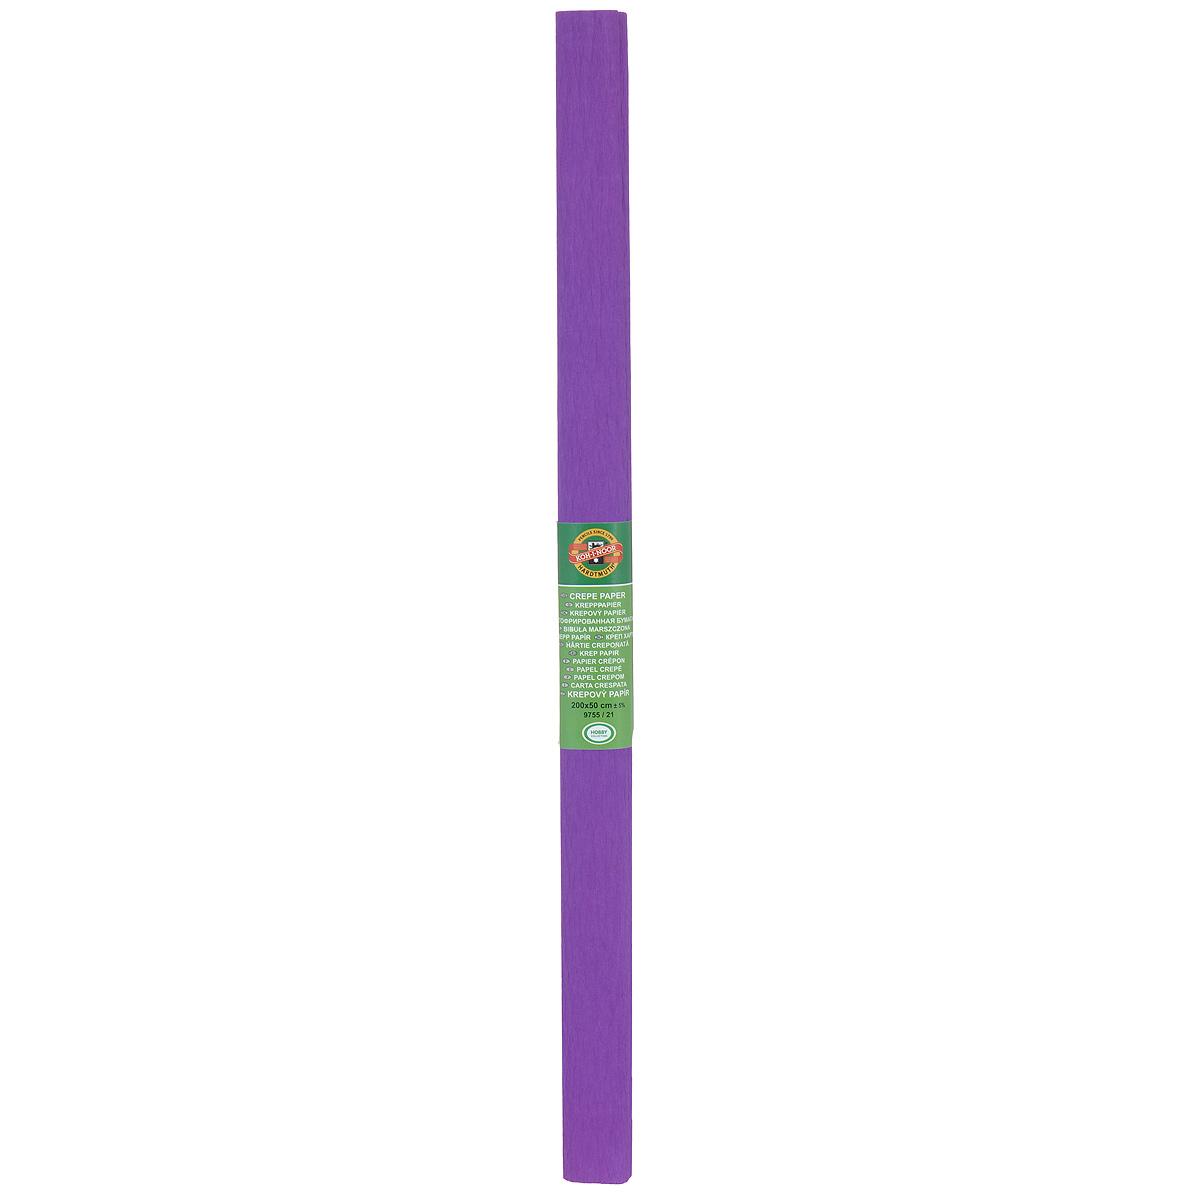 Бумага гофрированная Koh-I-Noor, цвет: фиолетовый, 50 см x 2 м9755/21Гофрированная бумага Koh-I-Noor - прекрасный материал для декорирования, изготовления эффектной упаковки и различных поделок. Бумага прекрасно держит форму, не пачкает руки, отлично крепится и замечательно подходит для изготовления праздничной упаковки для цветов.